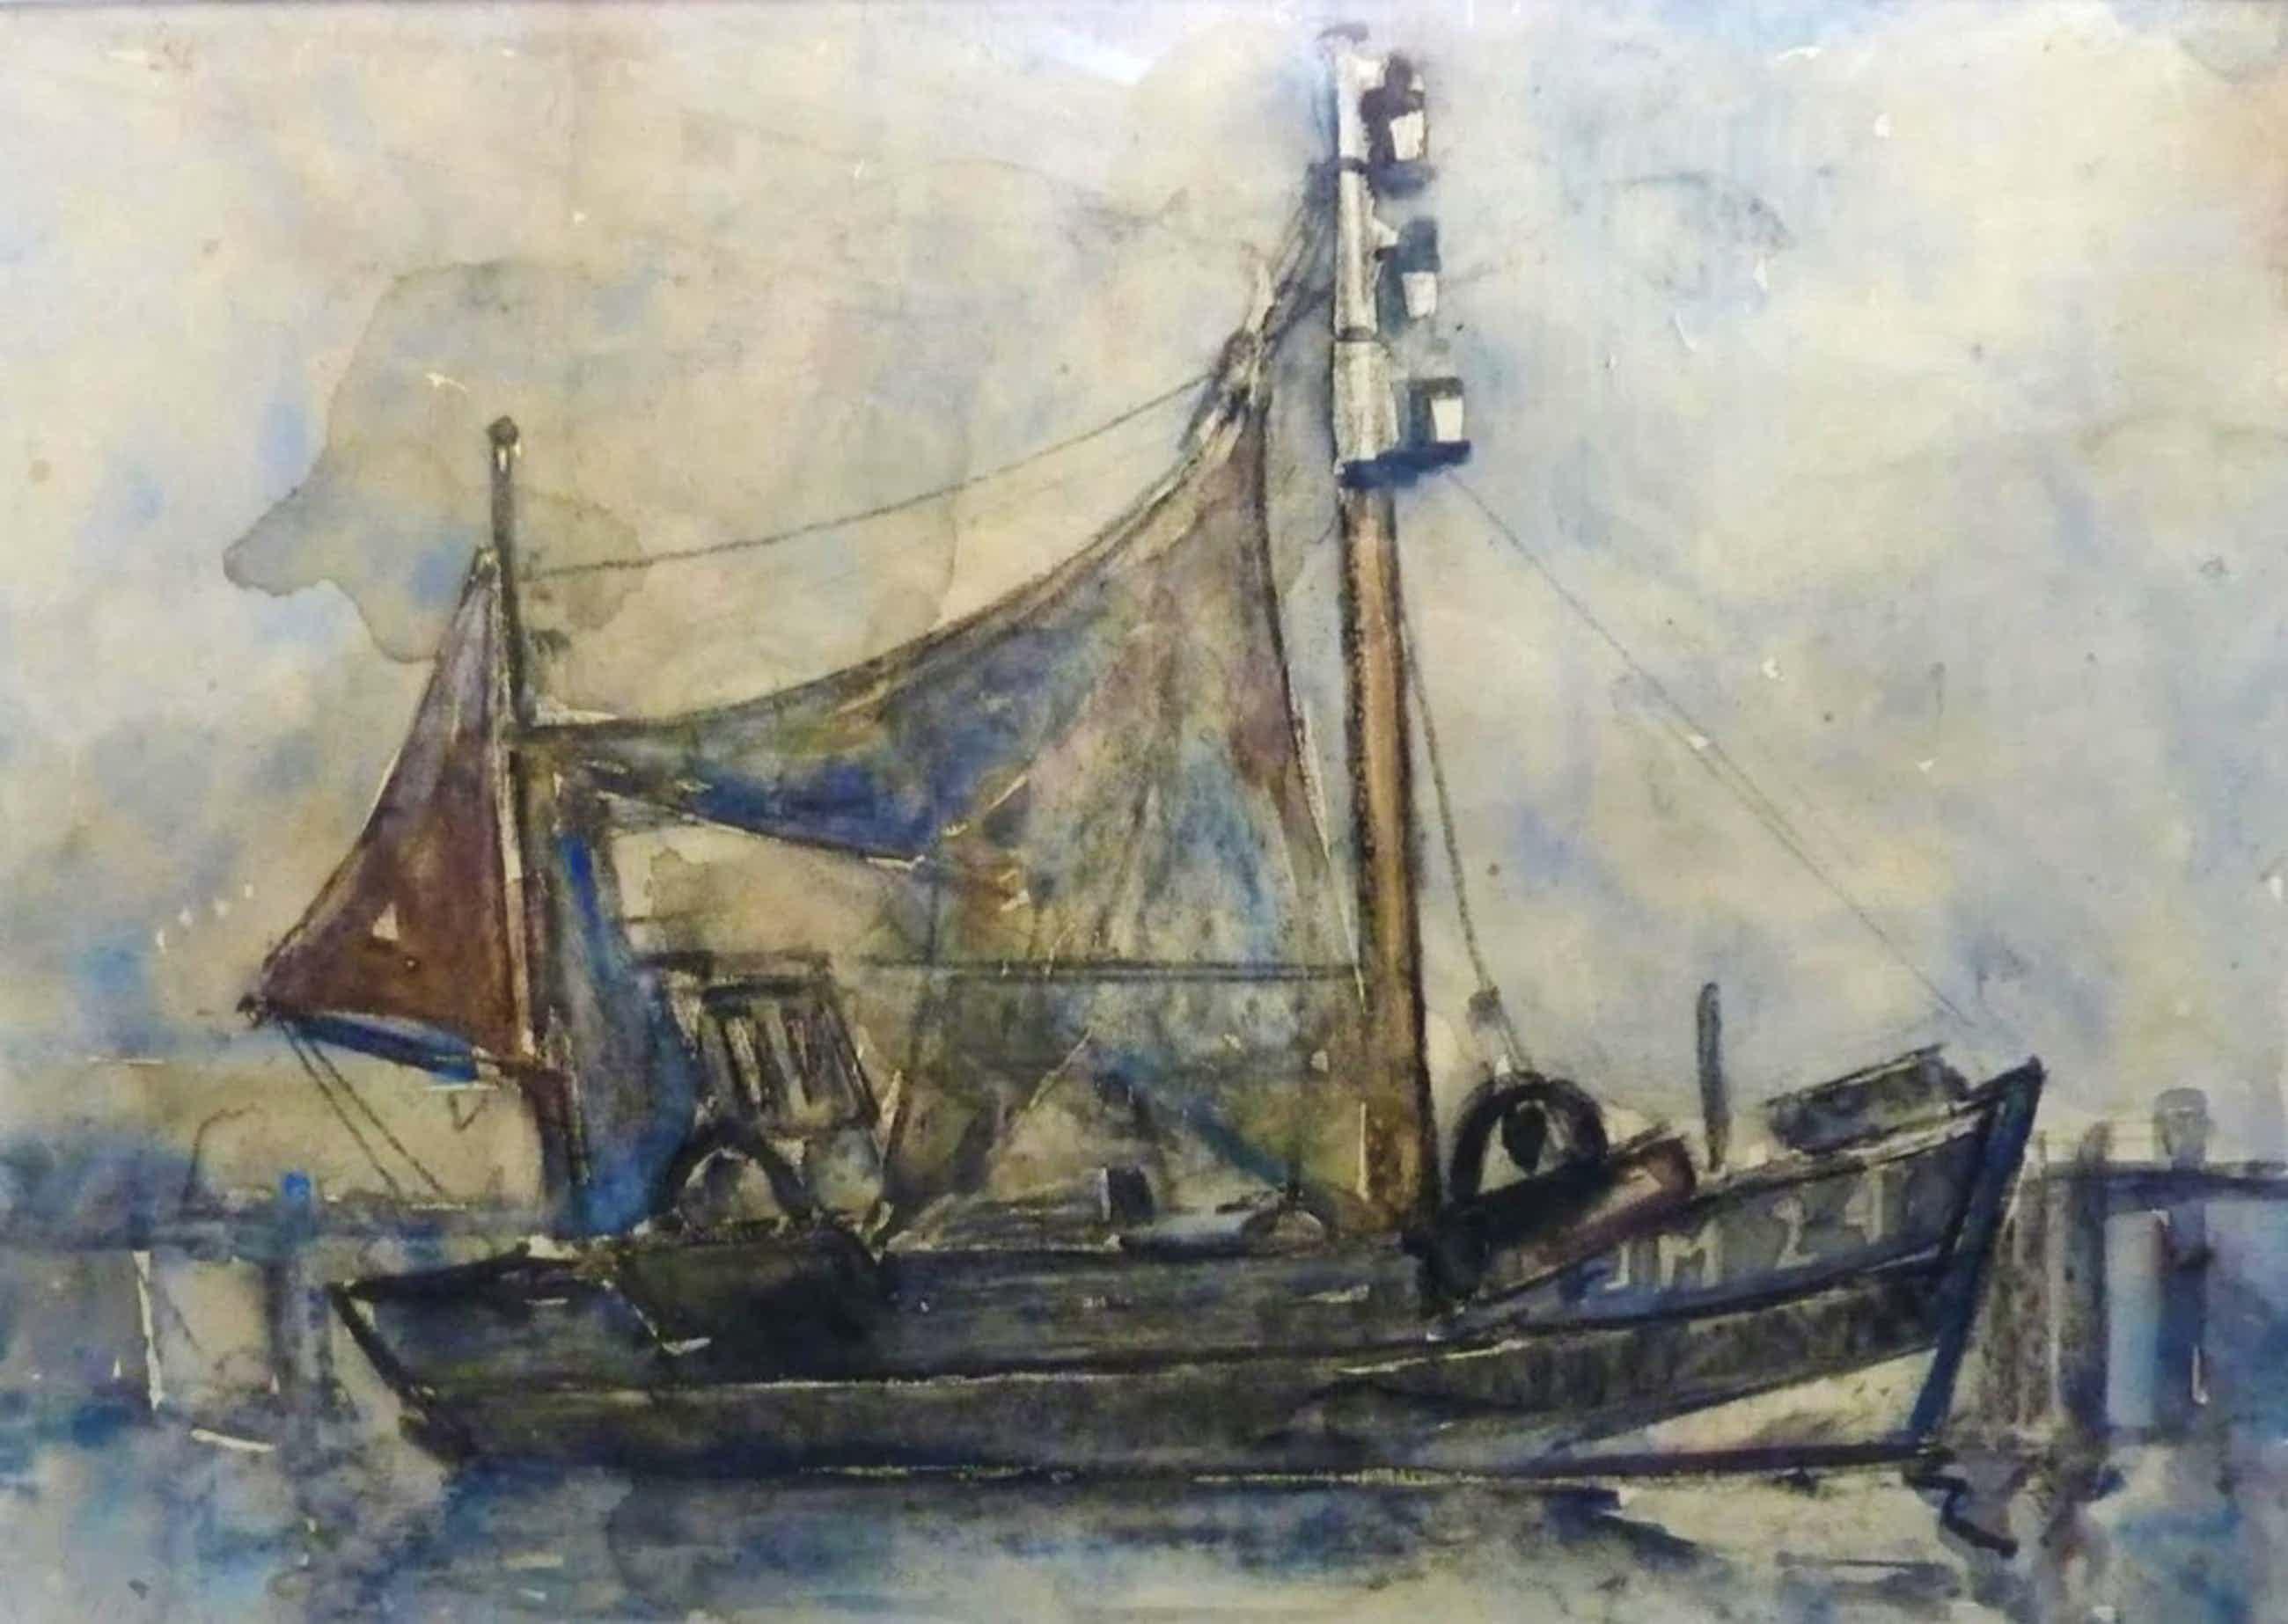 FRANS VERPOORTEN aquarel vissersboot IJM 24 kopen? Bied vanaf 35!